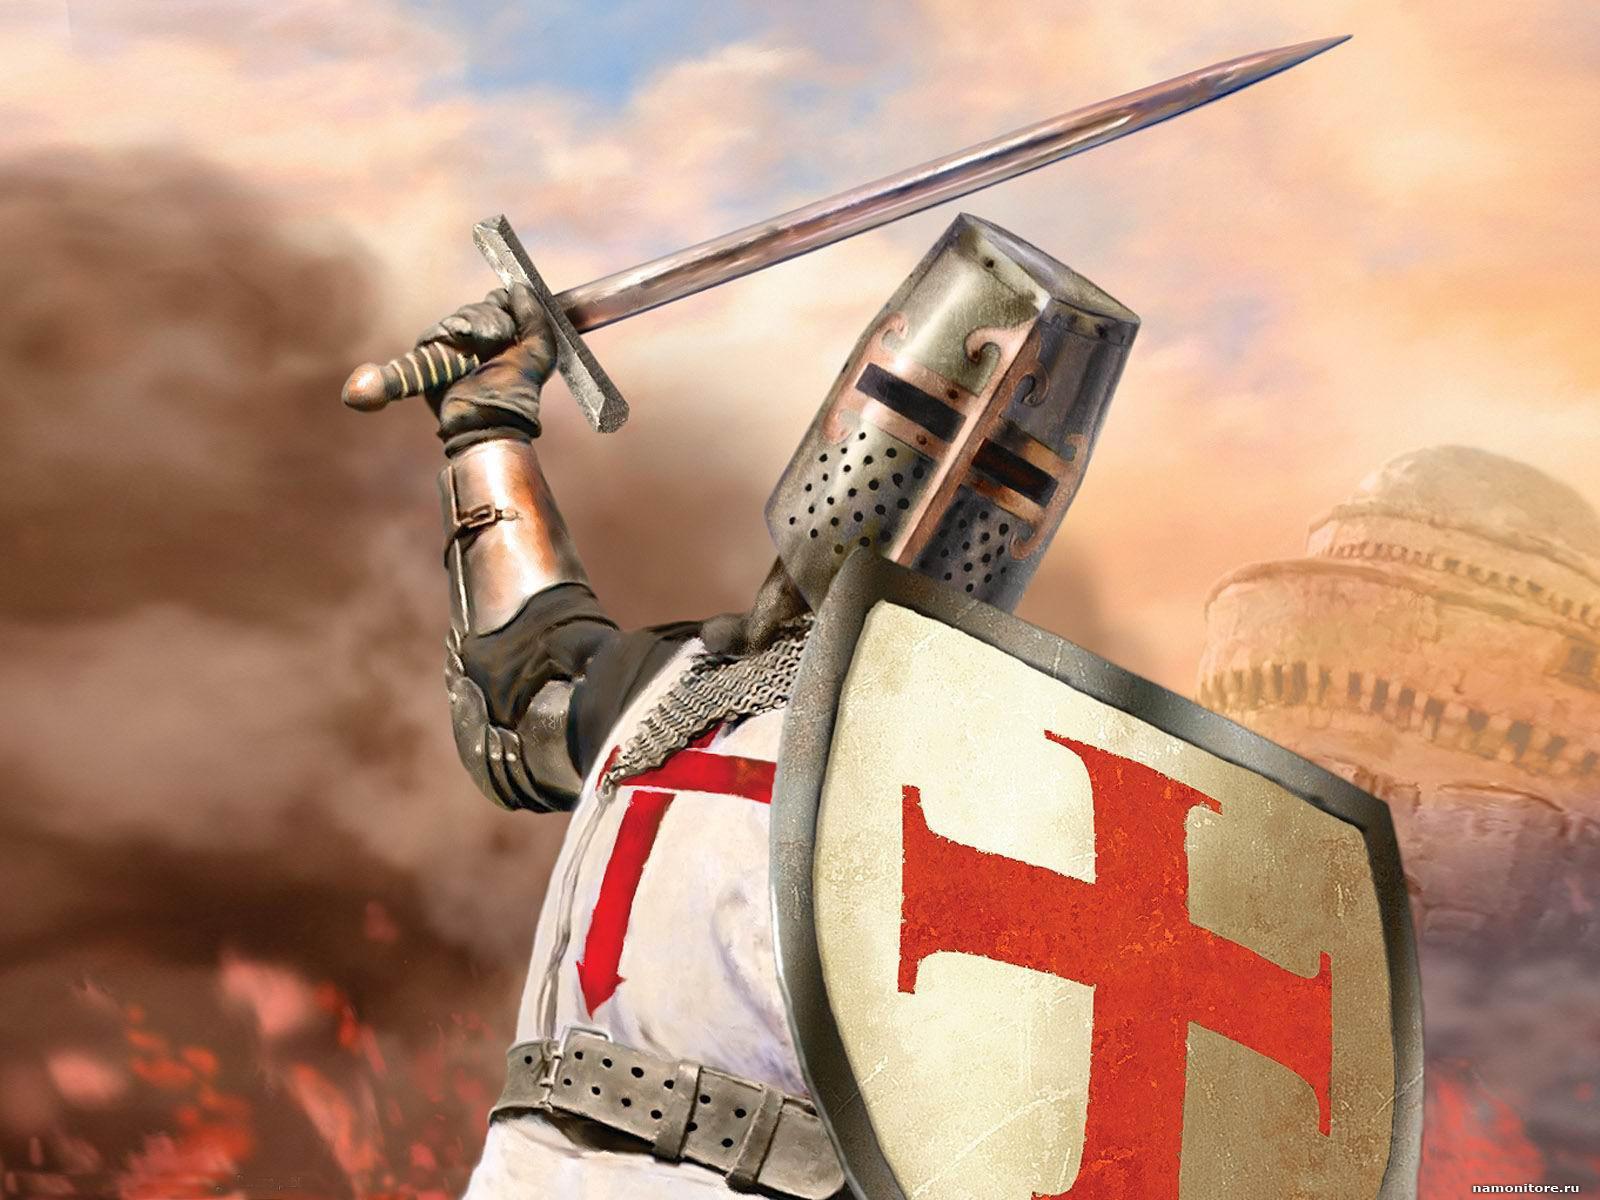 Bojovníci vyrážejí do boje s velkým znamením kříže na své zbroji.